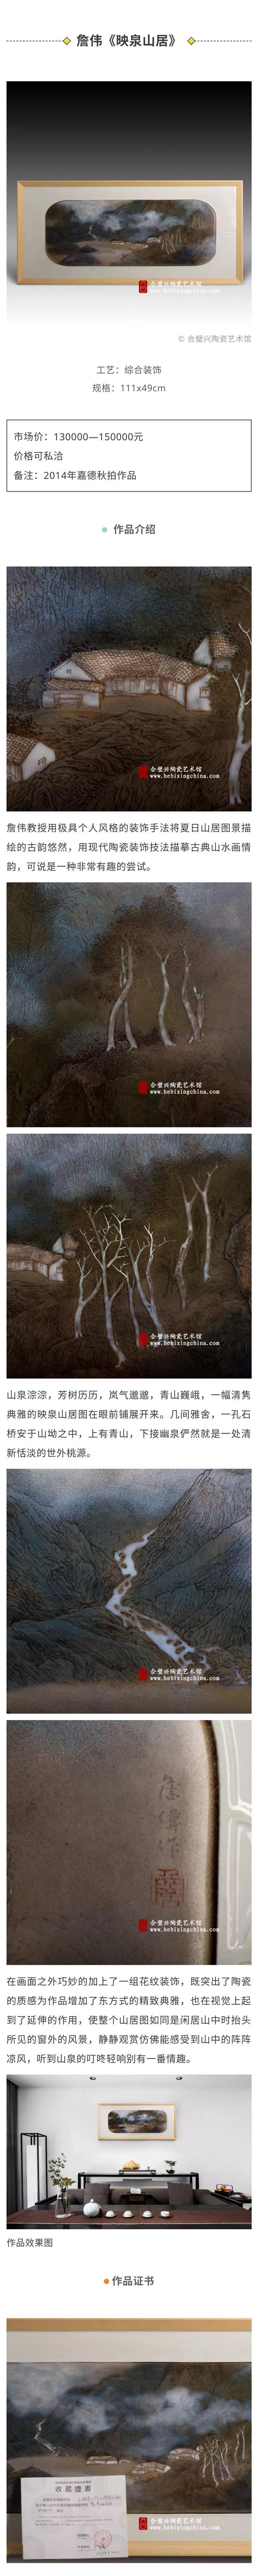 4詹伟-映泉山居-小.jpg